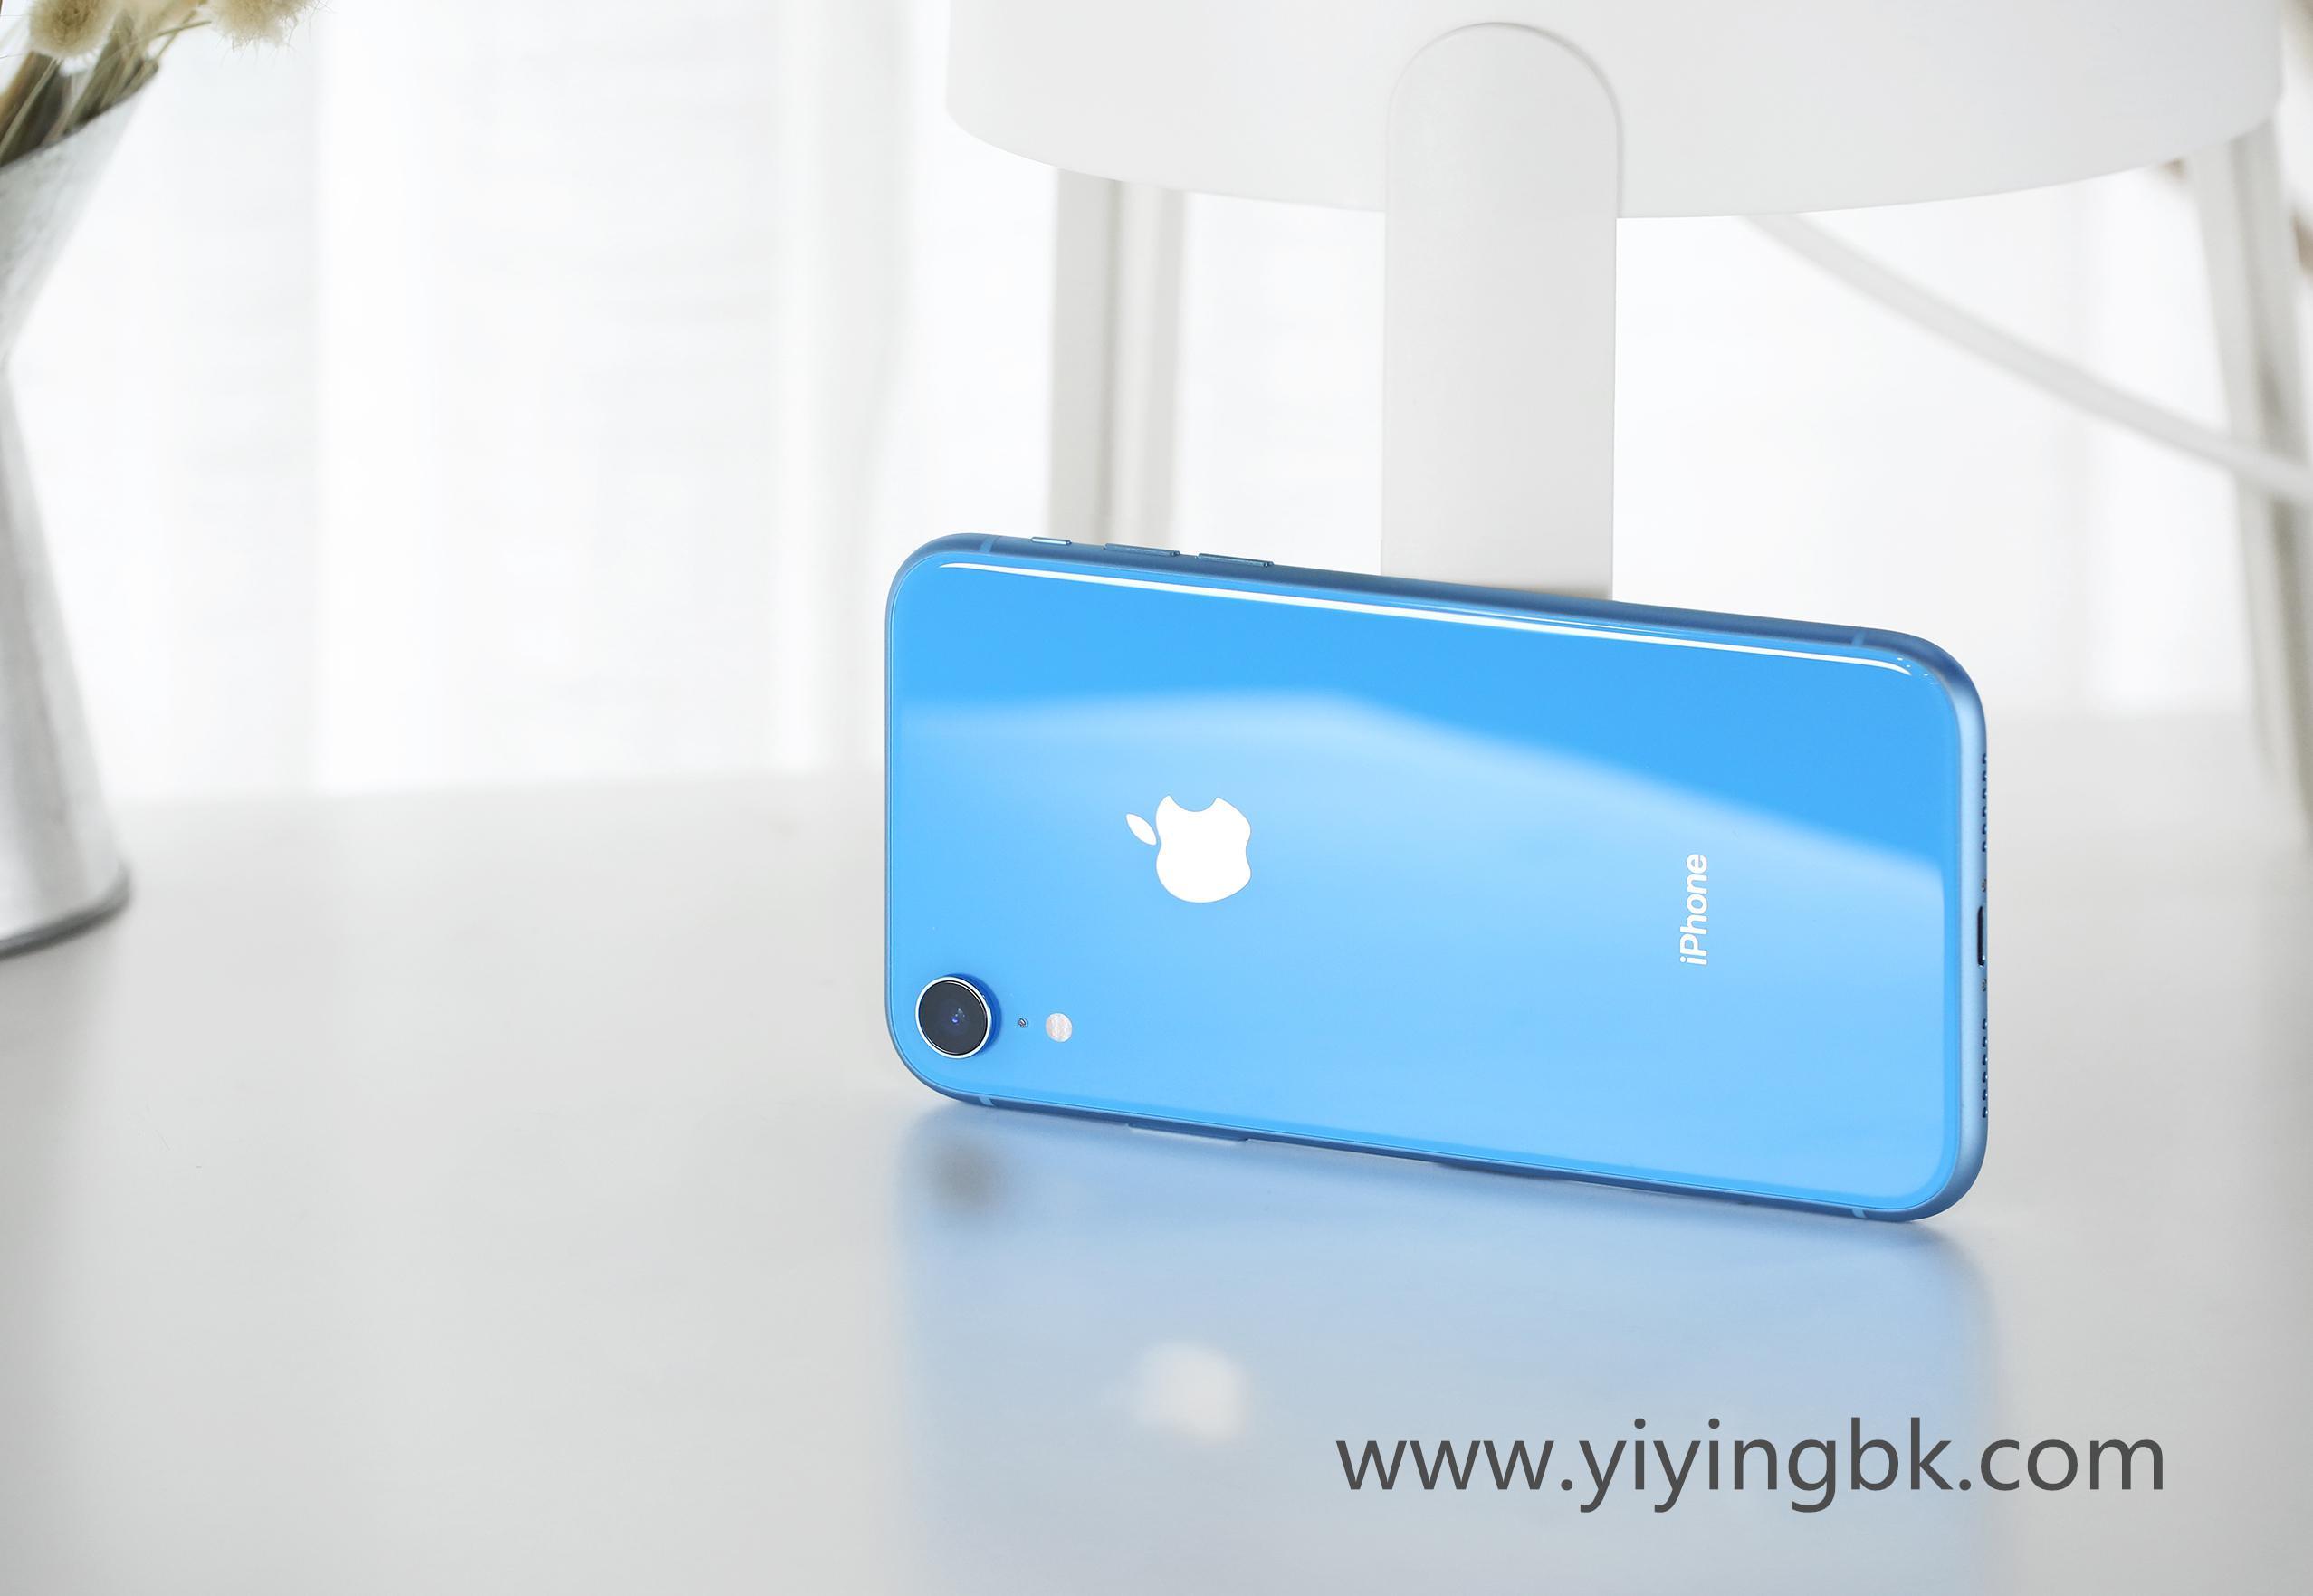 天猫上线的1折底价苹果手机iPhone XR能否抢的到?